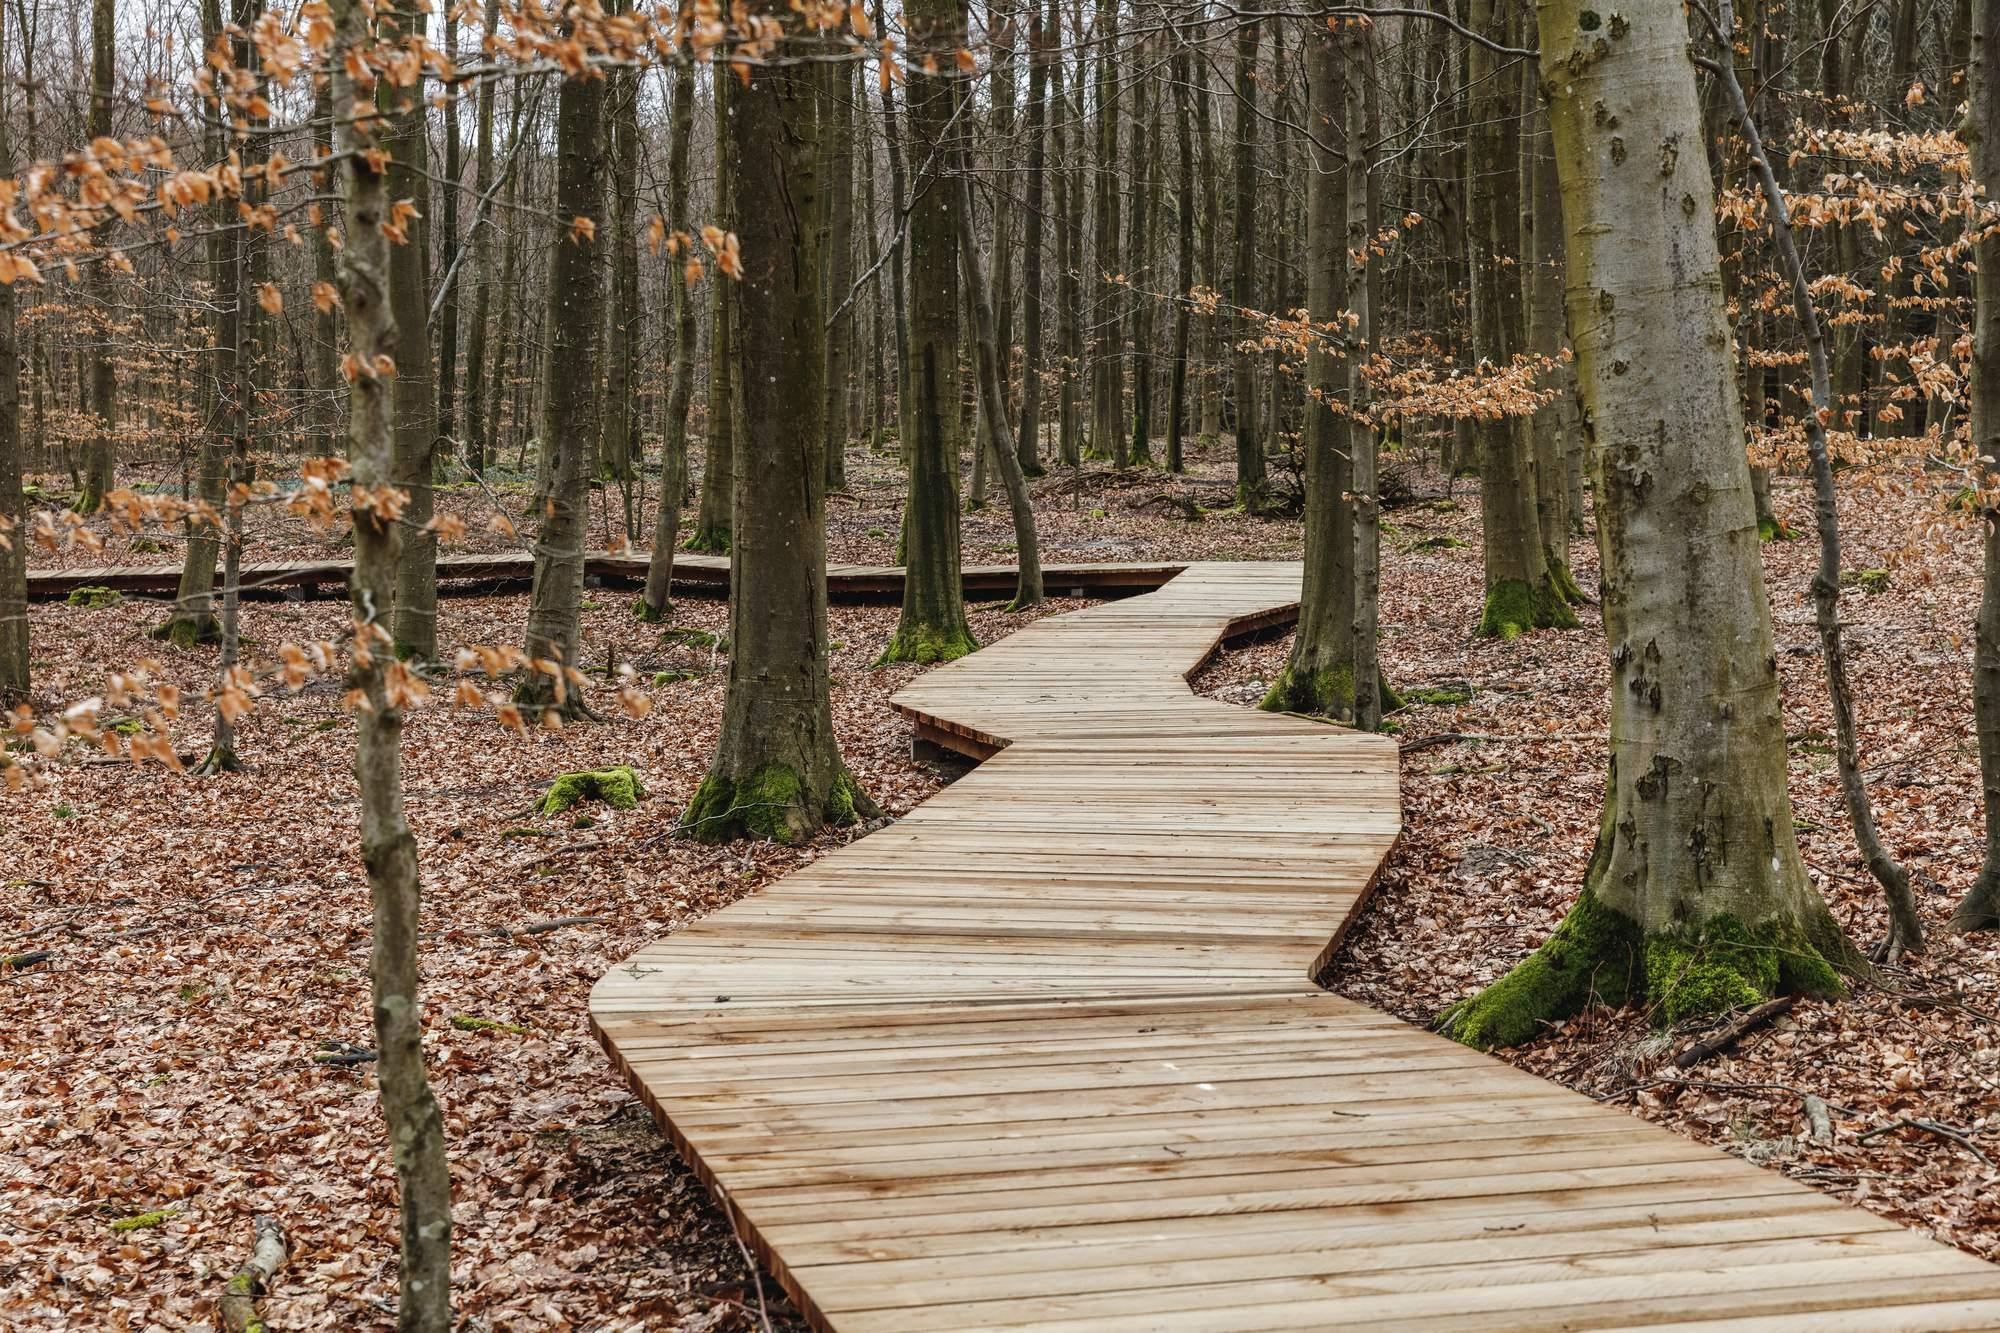 Обзорная башня в заповедном лесу, Дания